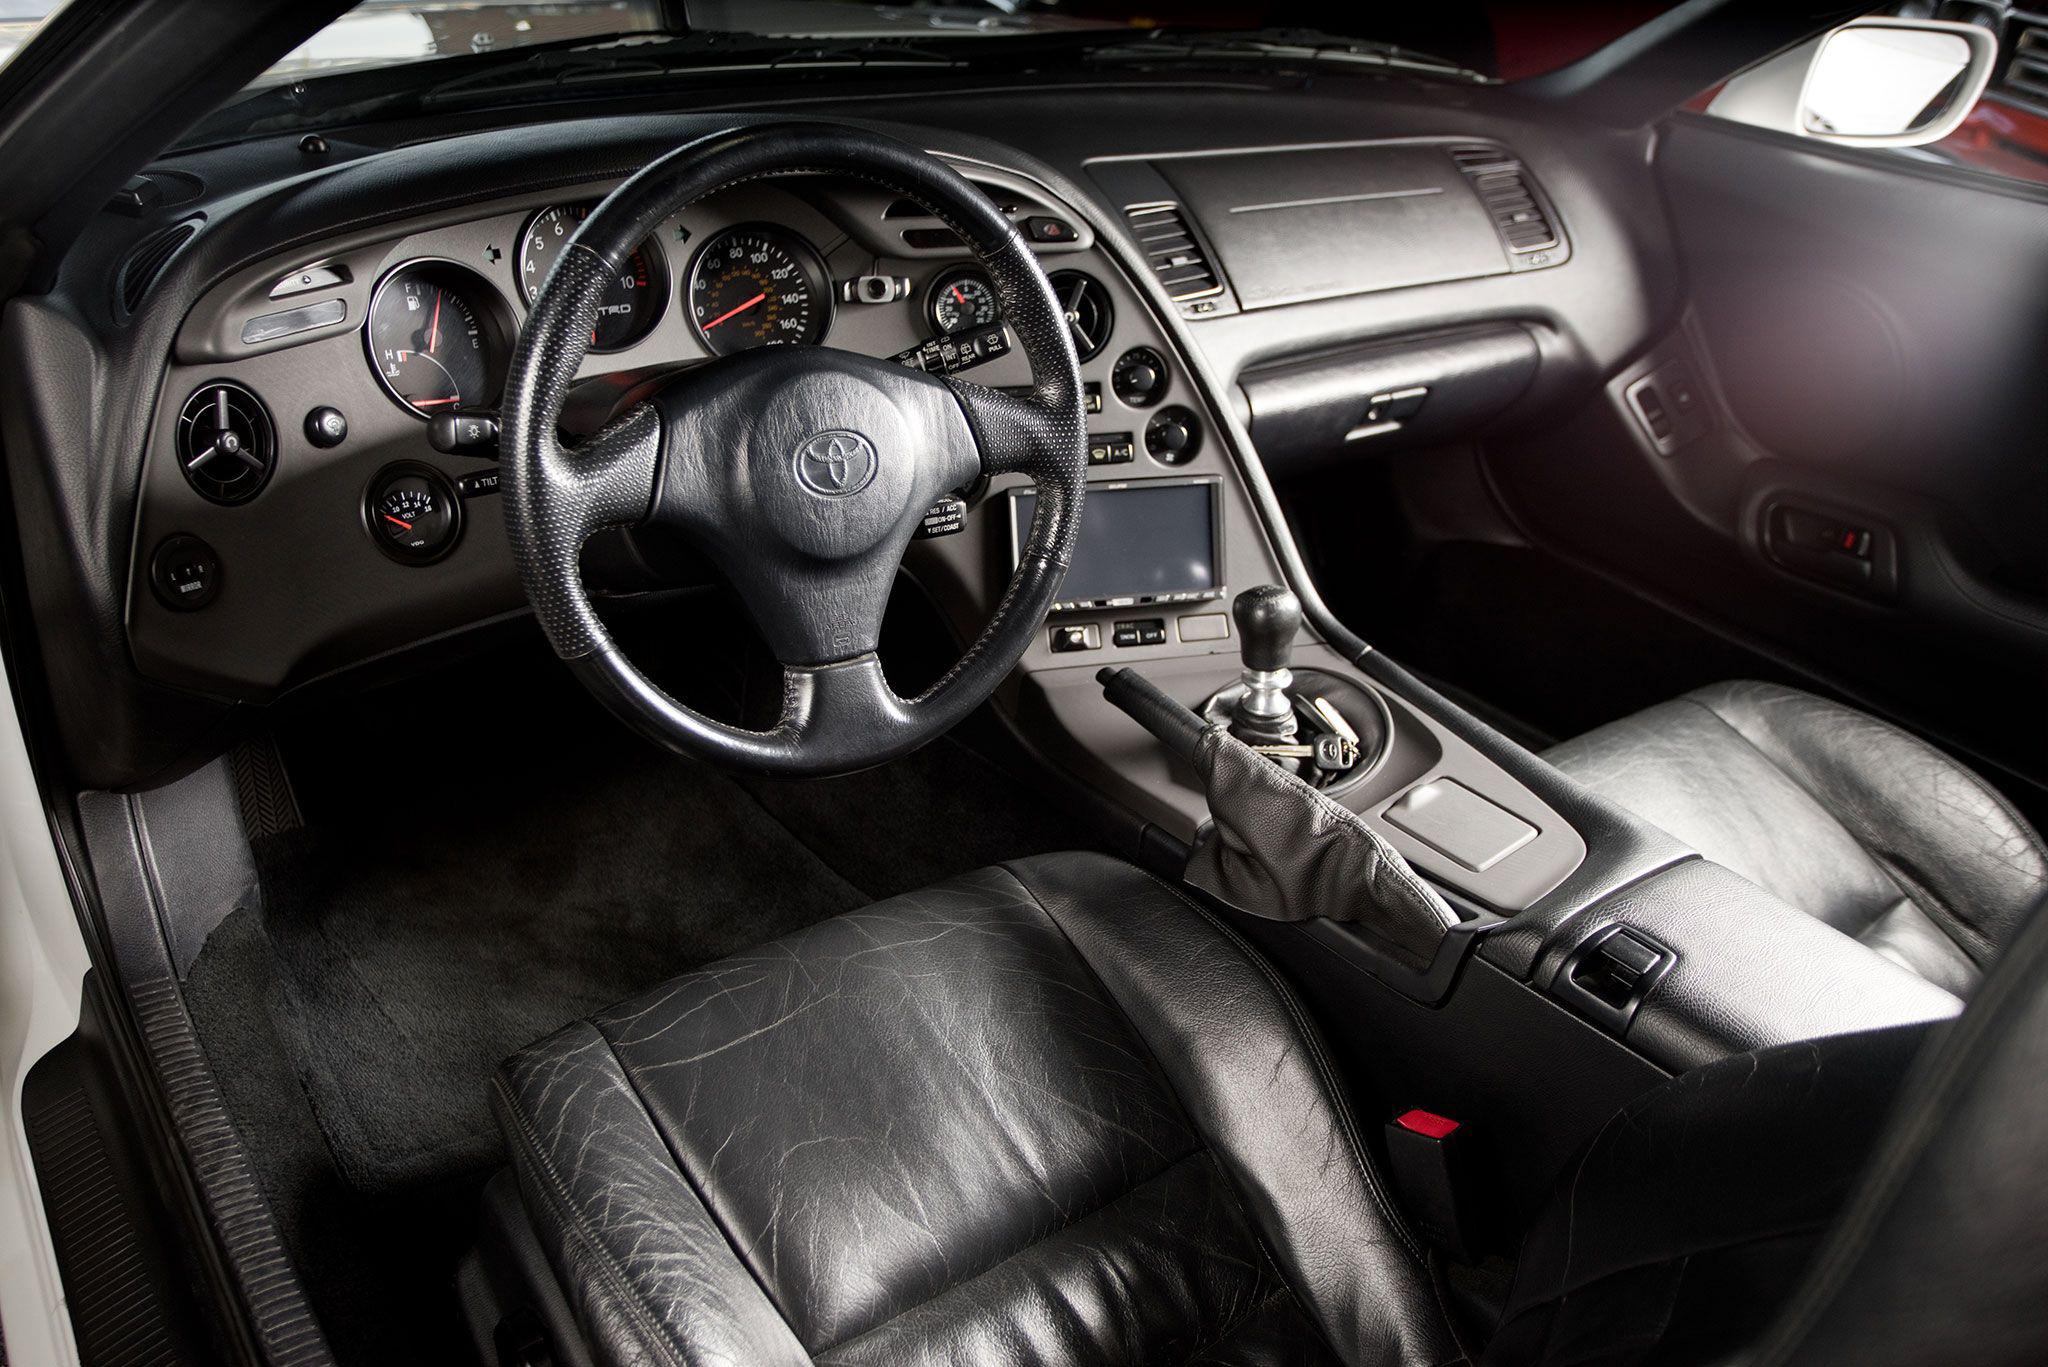 Furious 7 1998 Toyota Supra Trd Dashboard Interior